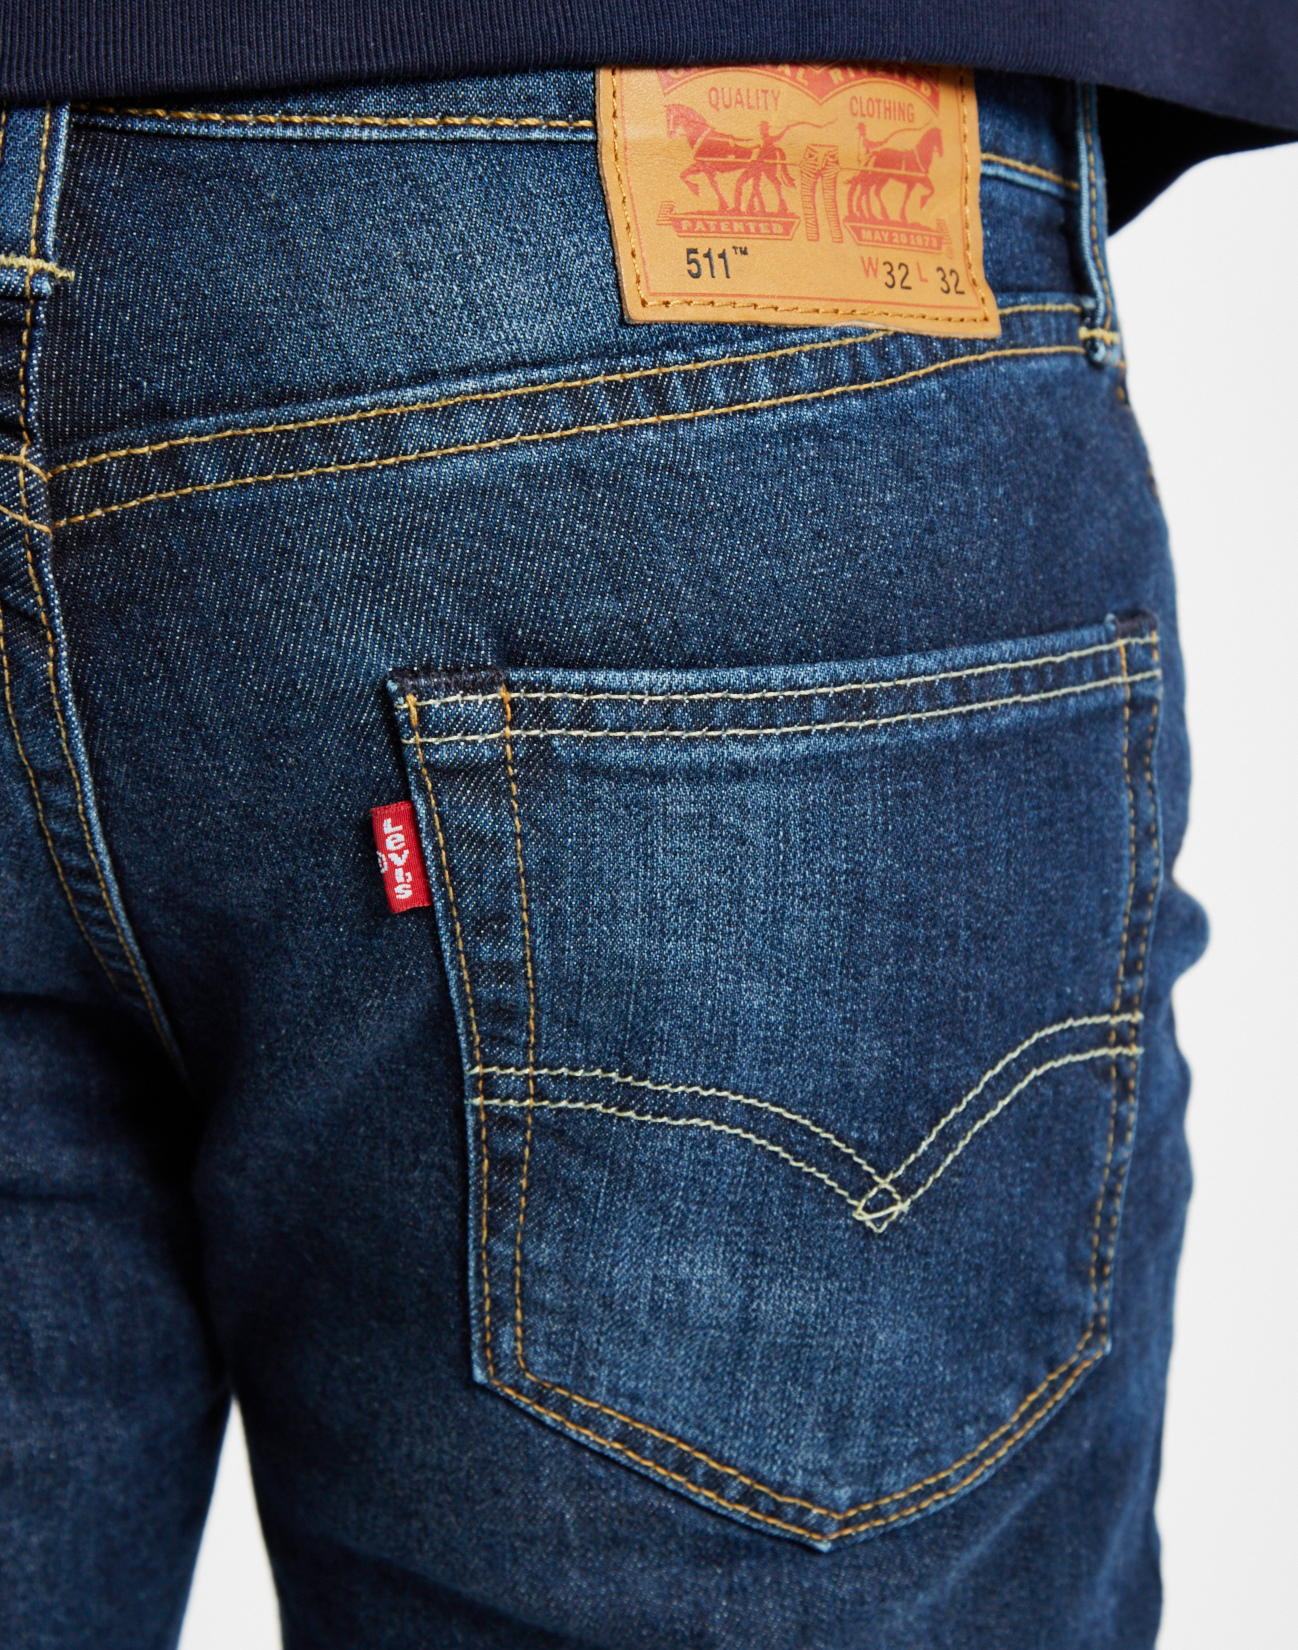 levi 39 s 511 brutus slim fit jeans blue in blue for men lyst. Black Bedroom Furniture Sets. Home Design Ideas